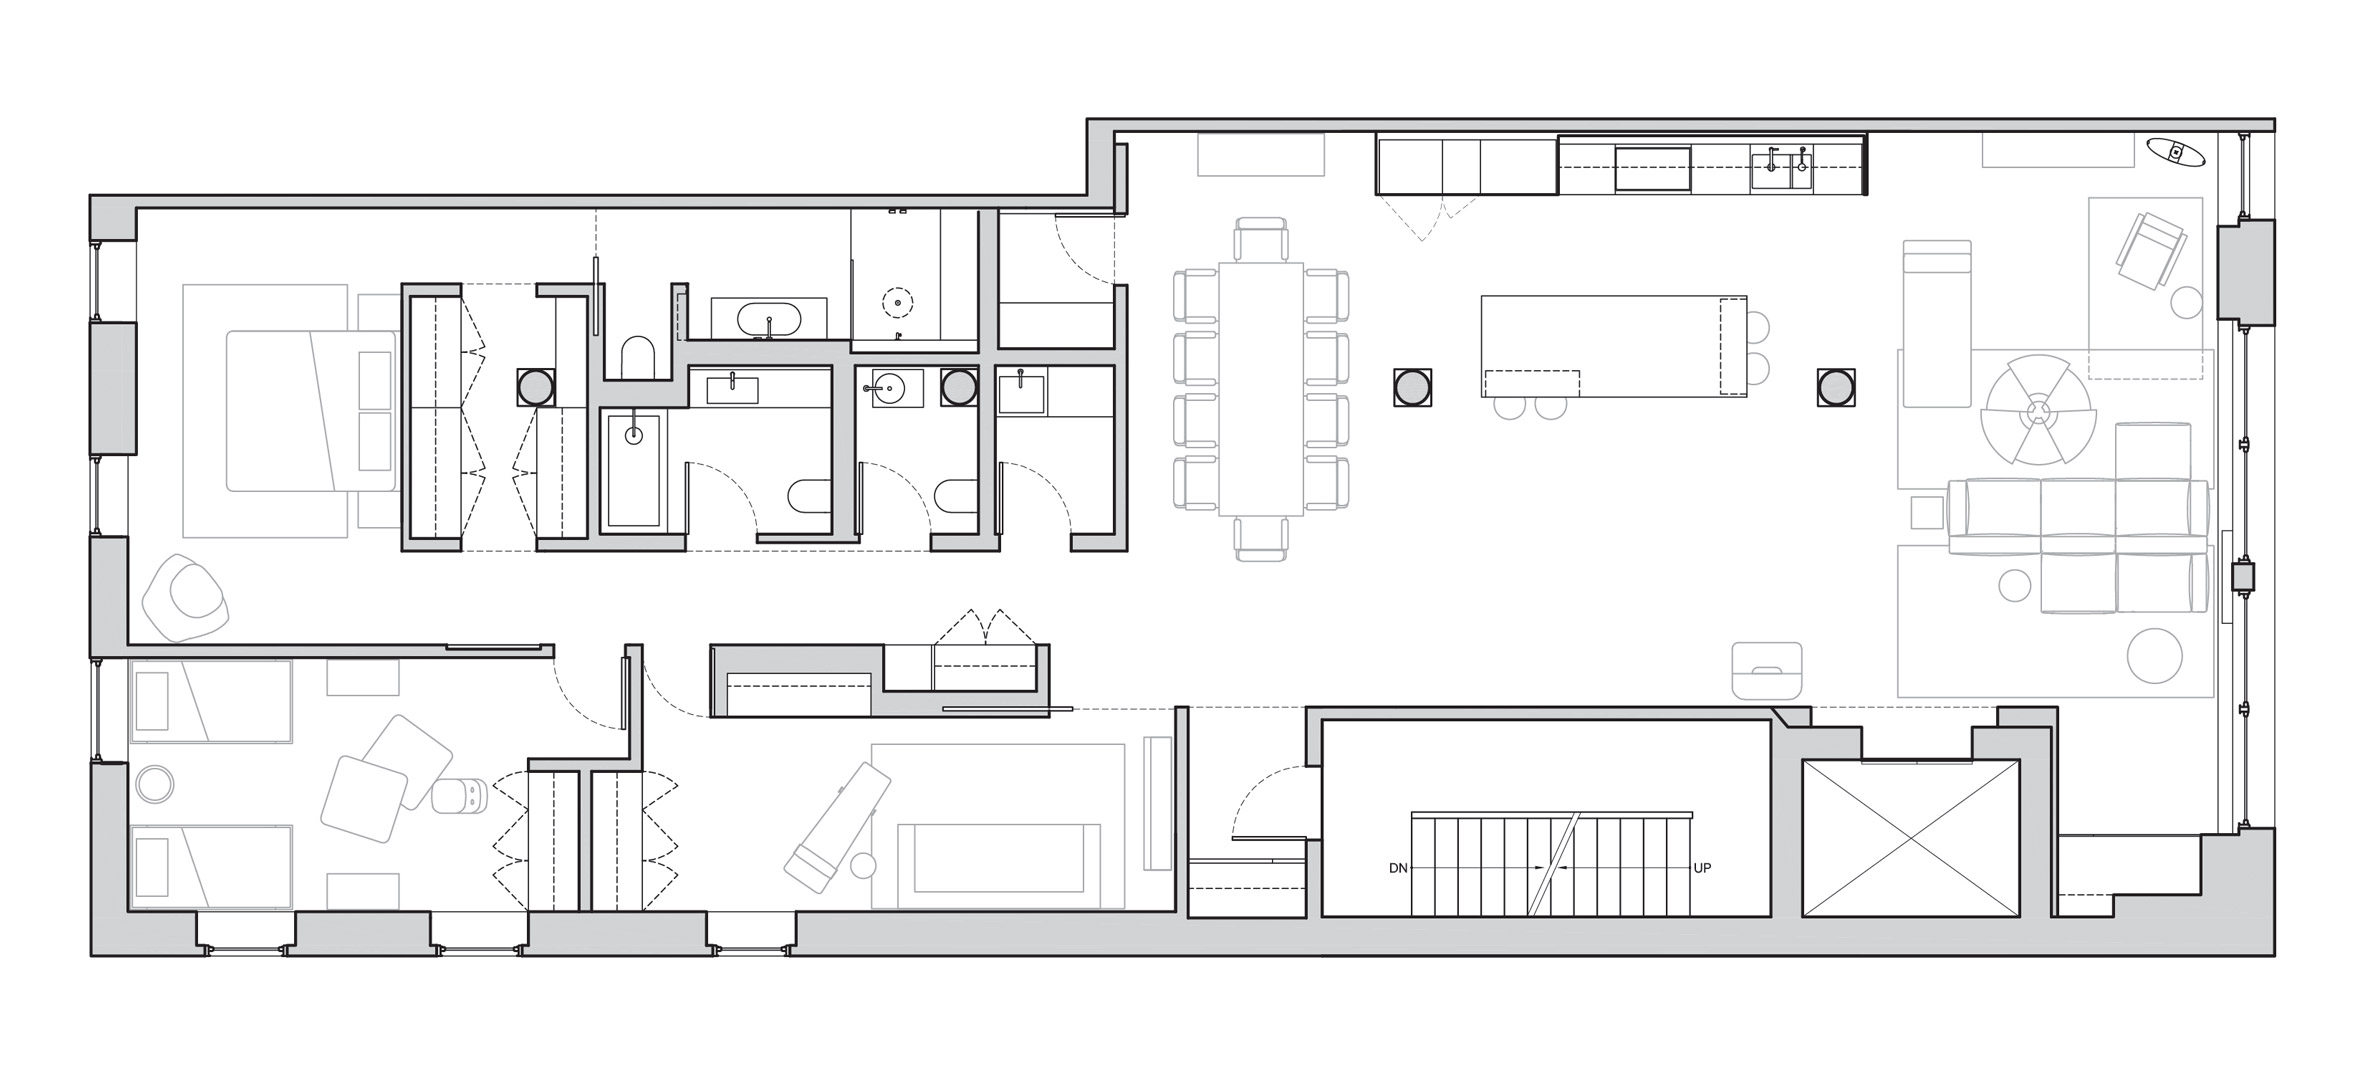 Kết hợp Gỗ và Đá Cẩm Thạch trong thiết kế kiến trúc nội thất 8